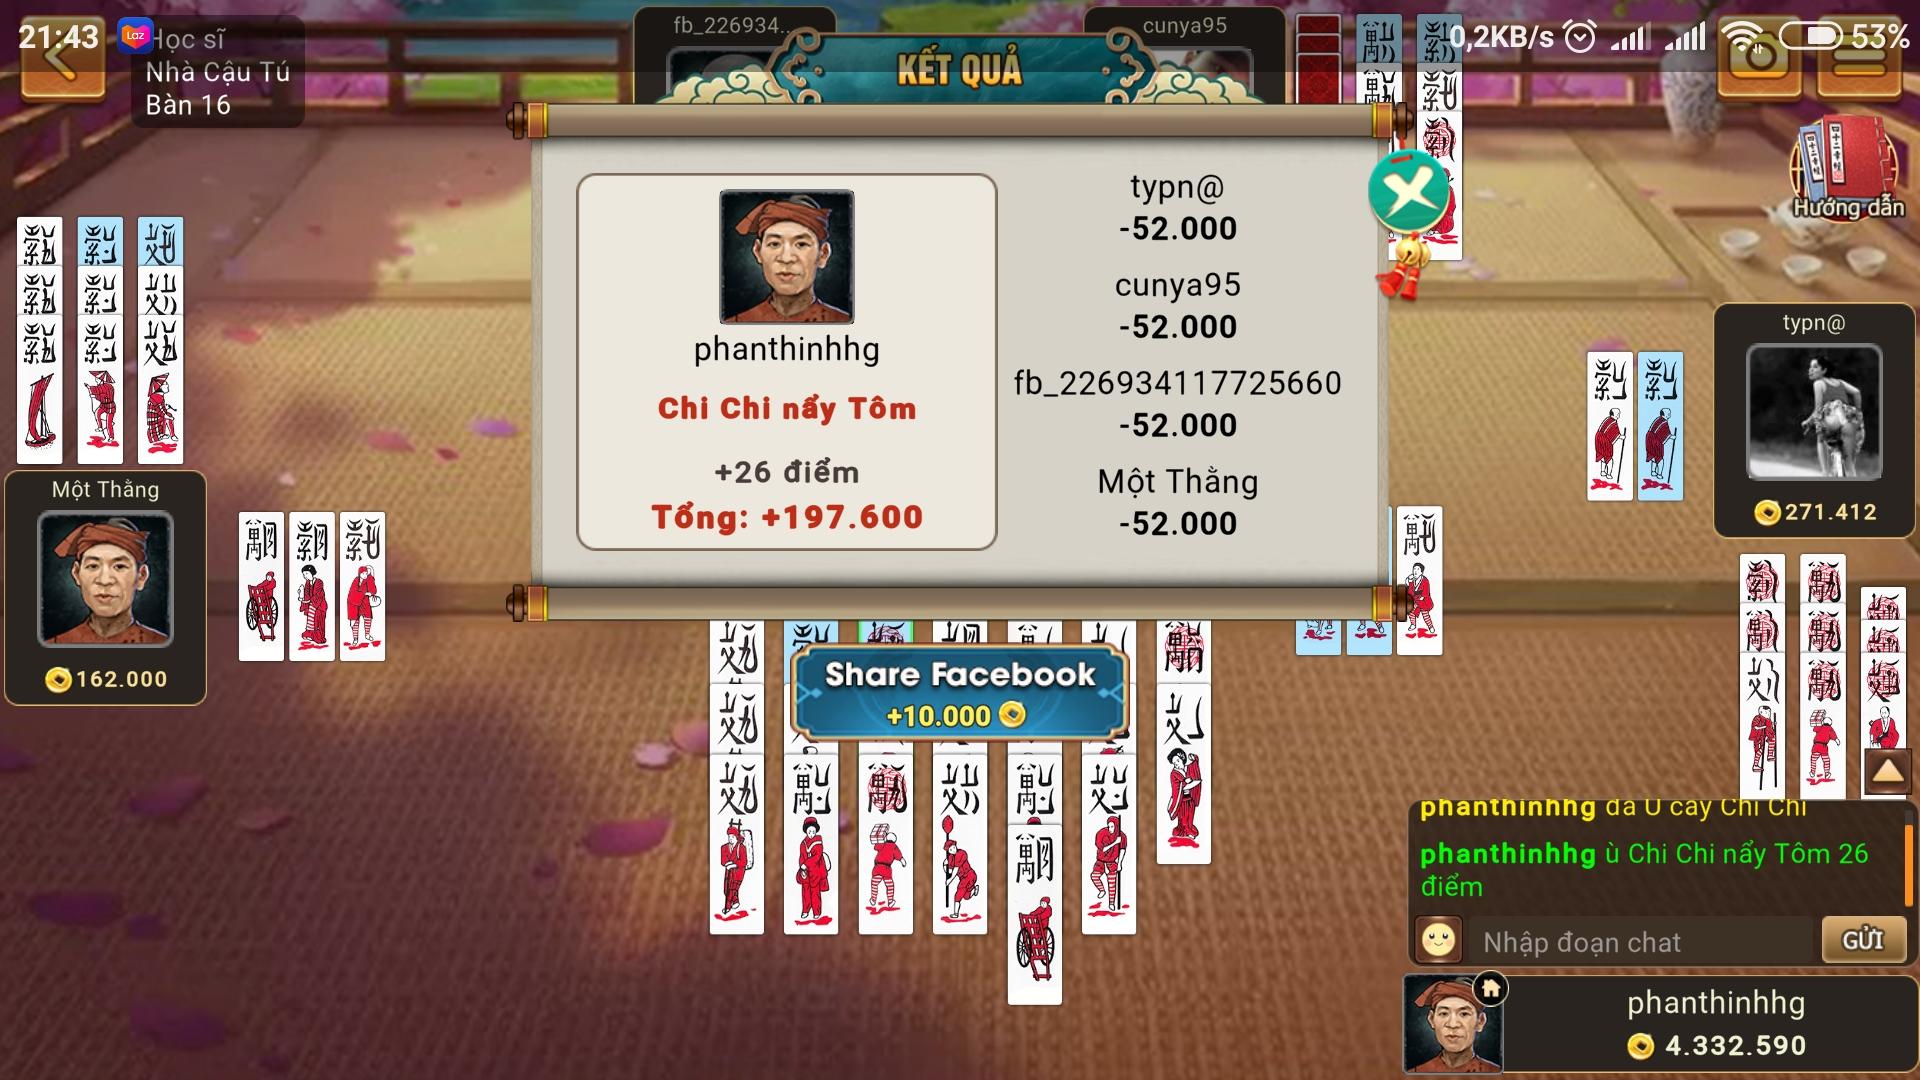 Screenshot_2021-09-18-21-43-07-557_com.sd.totom.